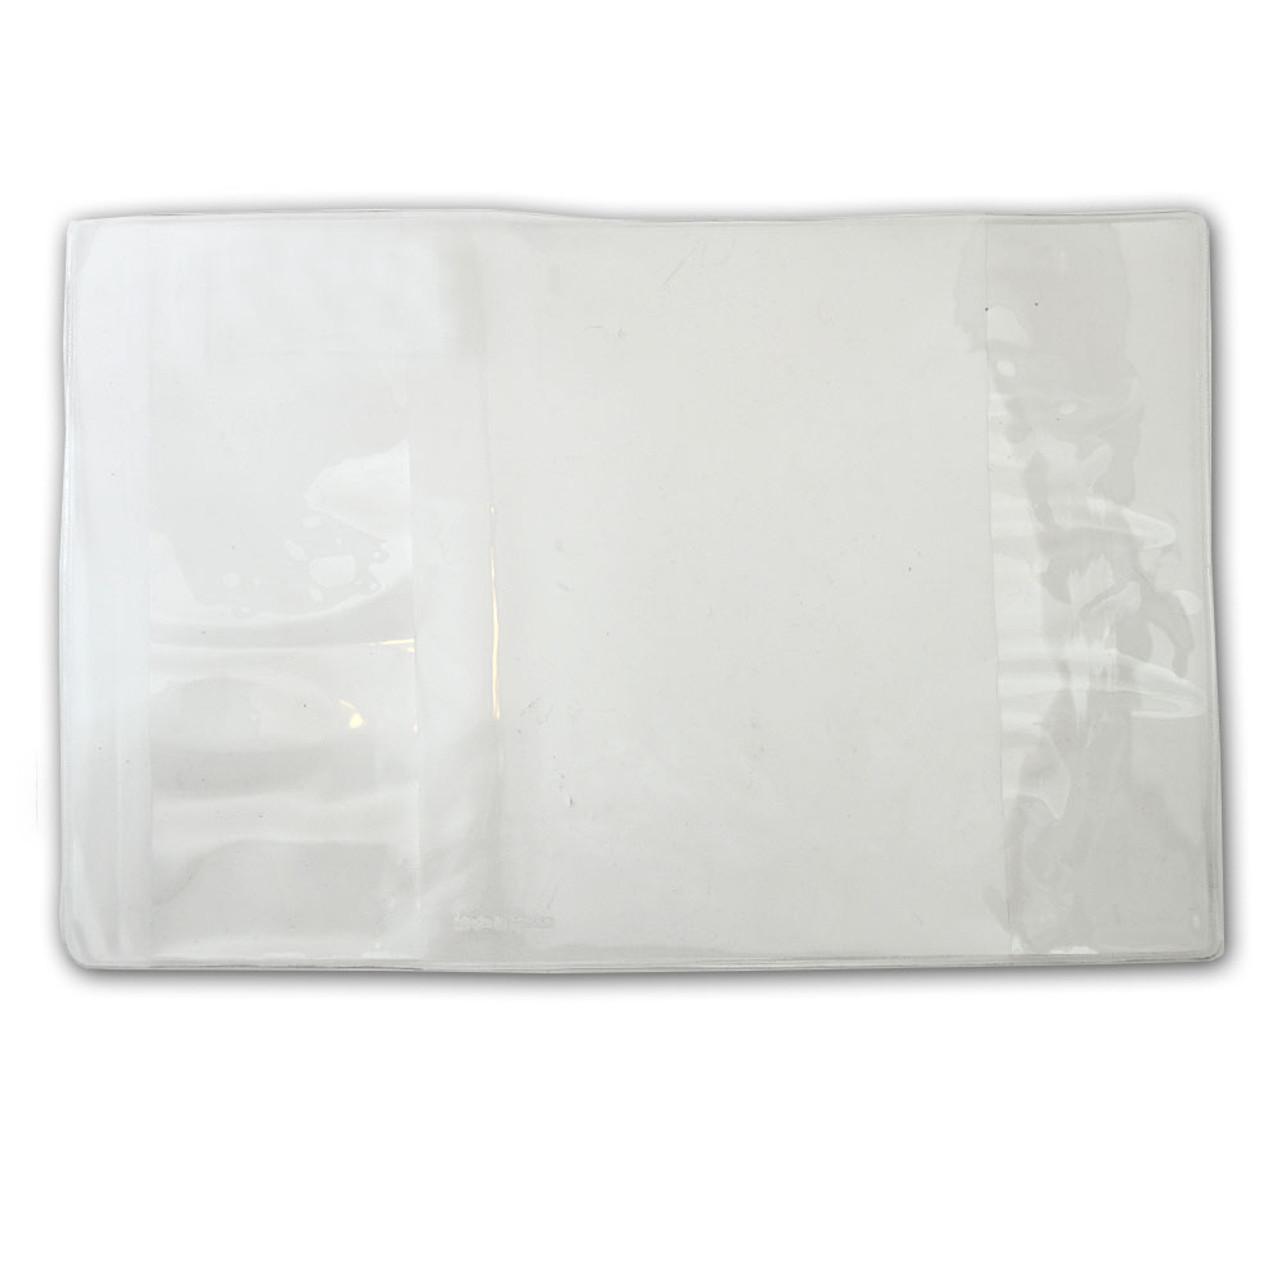 Magnificat Plastic Cover